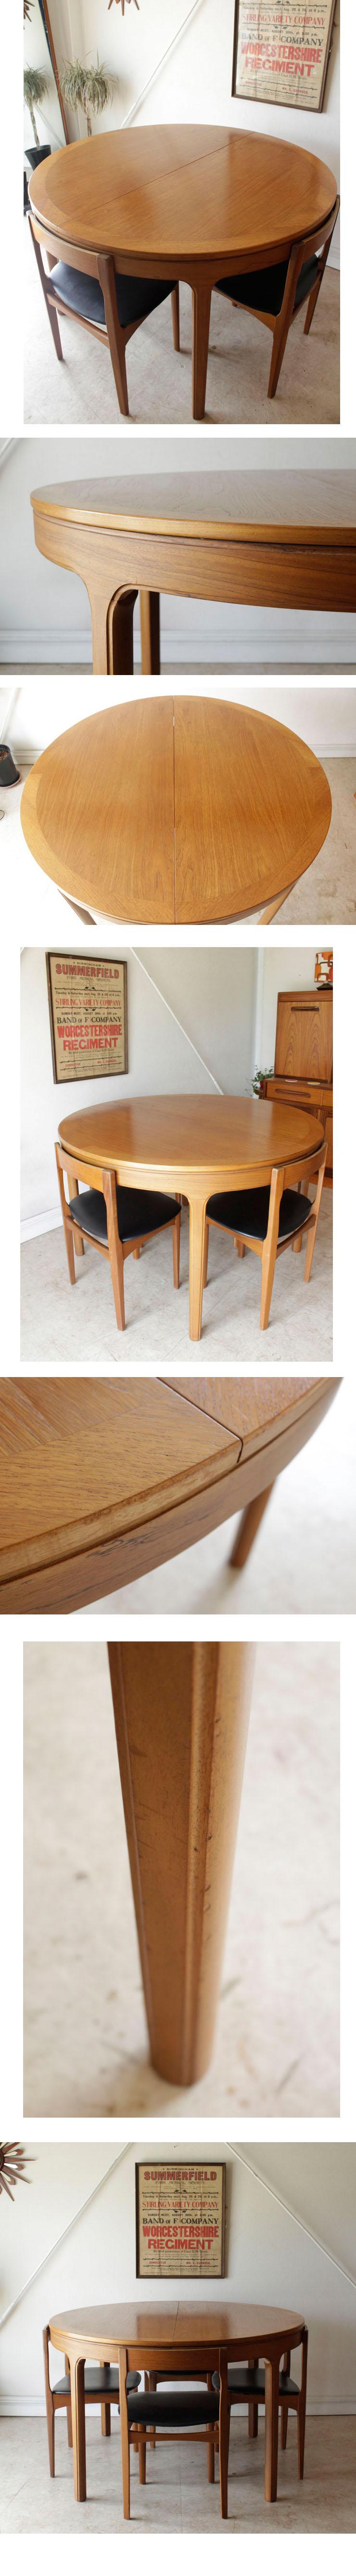 ネイサン・NATHAN・ダイニングテーブル・伸張/ビンテージ・チーク・アンティーク・ミッドセンチュリー・北欧デザイン・家具